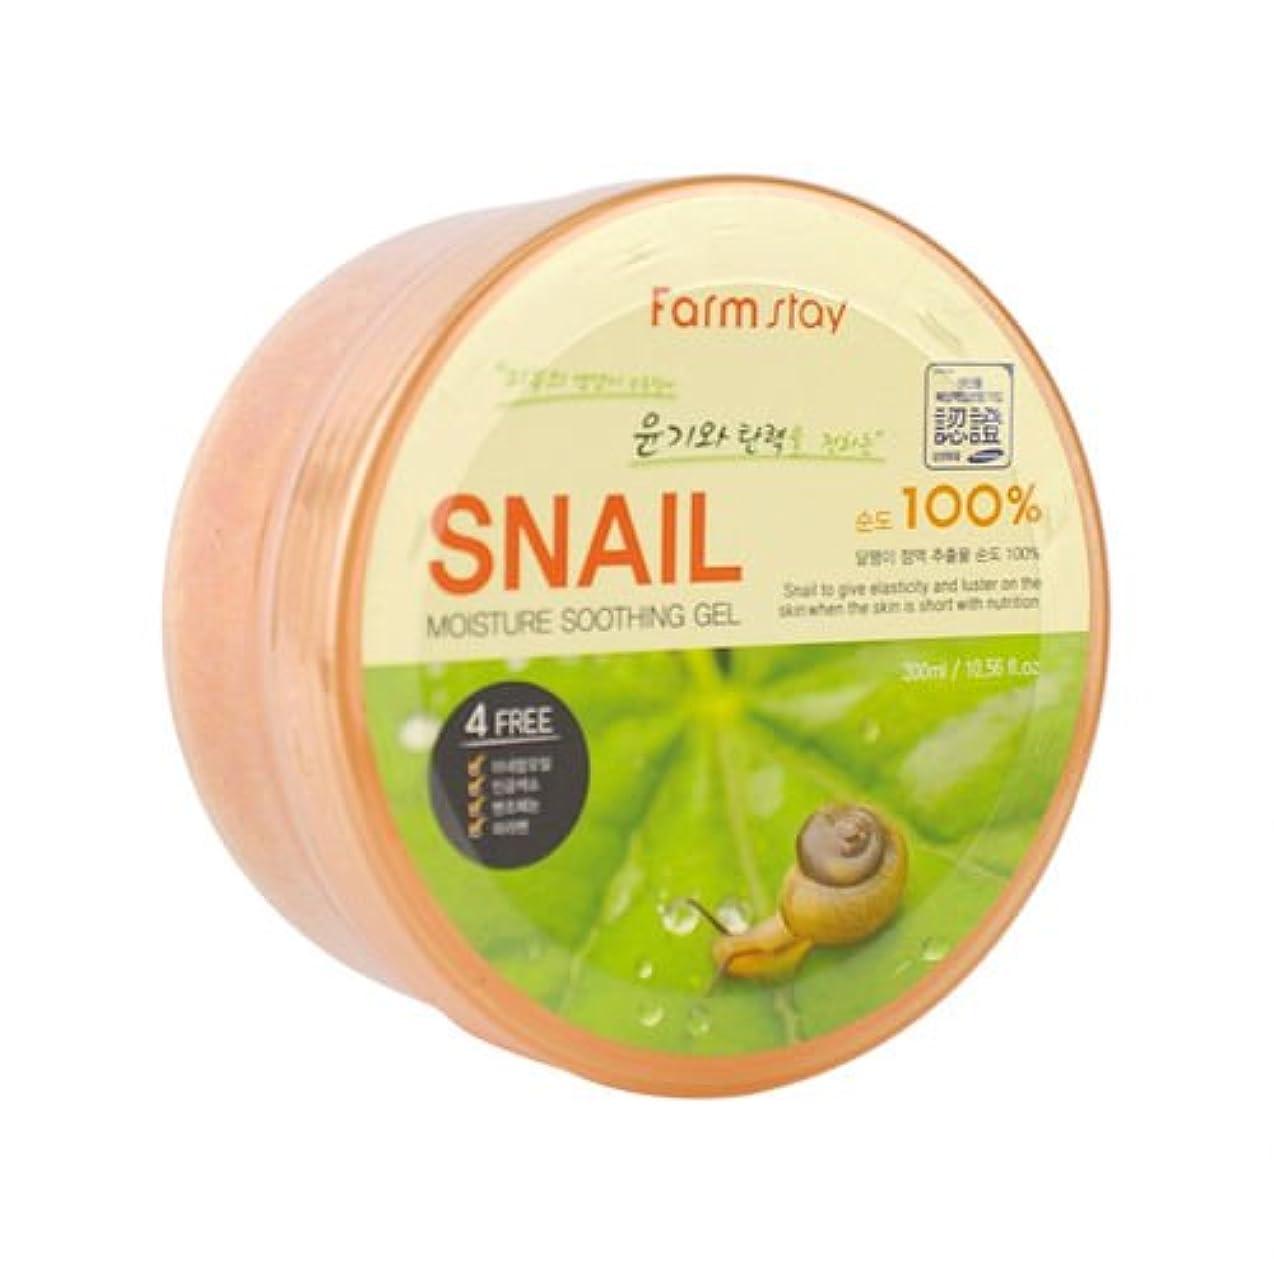 途方もない予防接種アナリストFarm Stay Snail Moisture Soothing Gel 300ml /Snail extract 100%/Skin Glowing & Elasticity Up [並行輸入品]